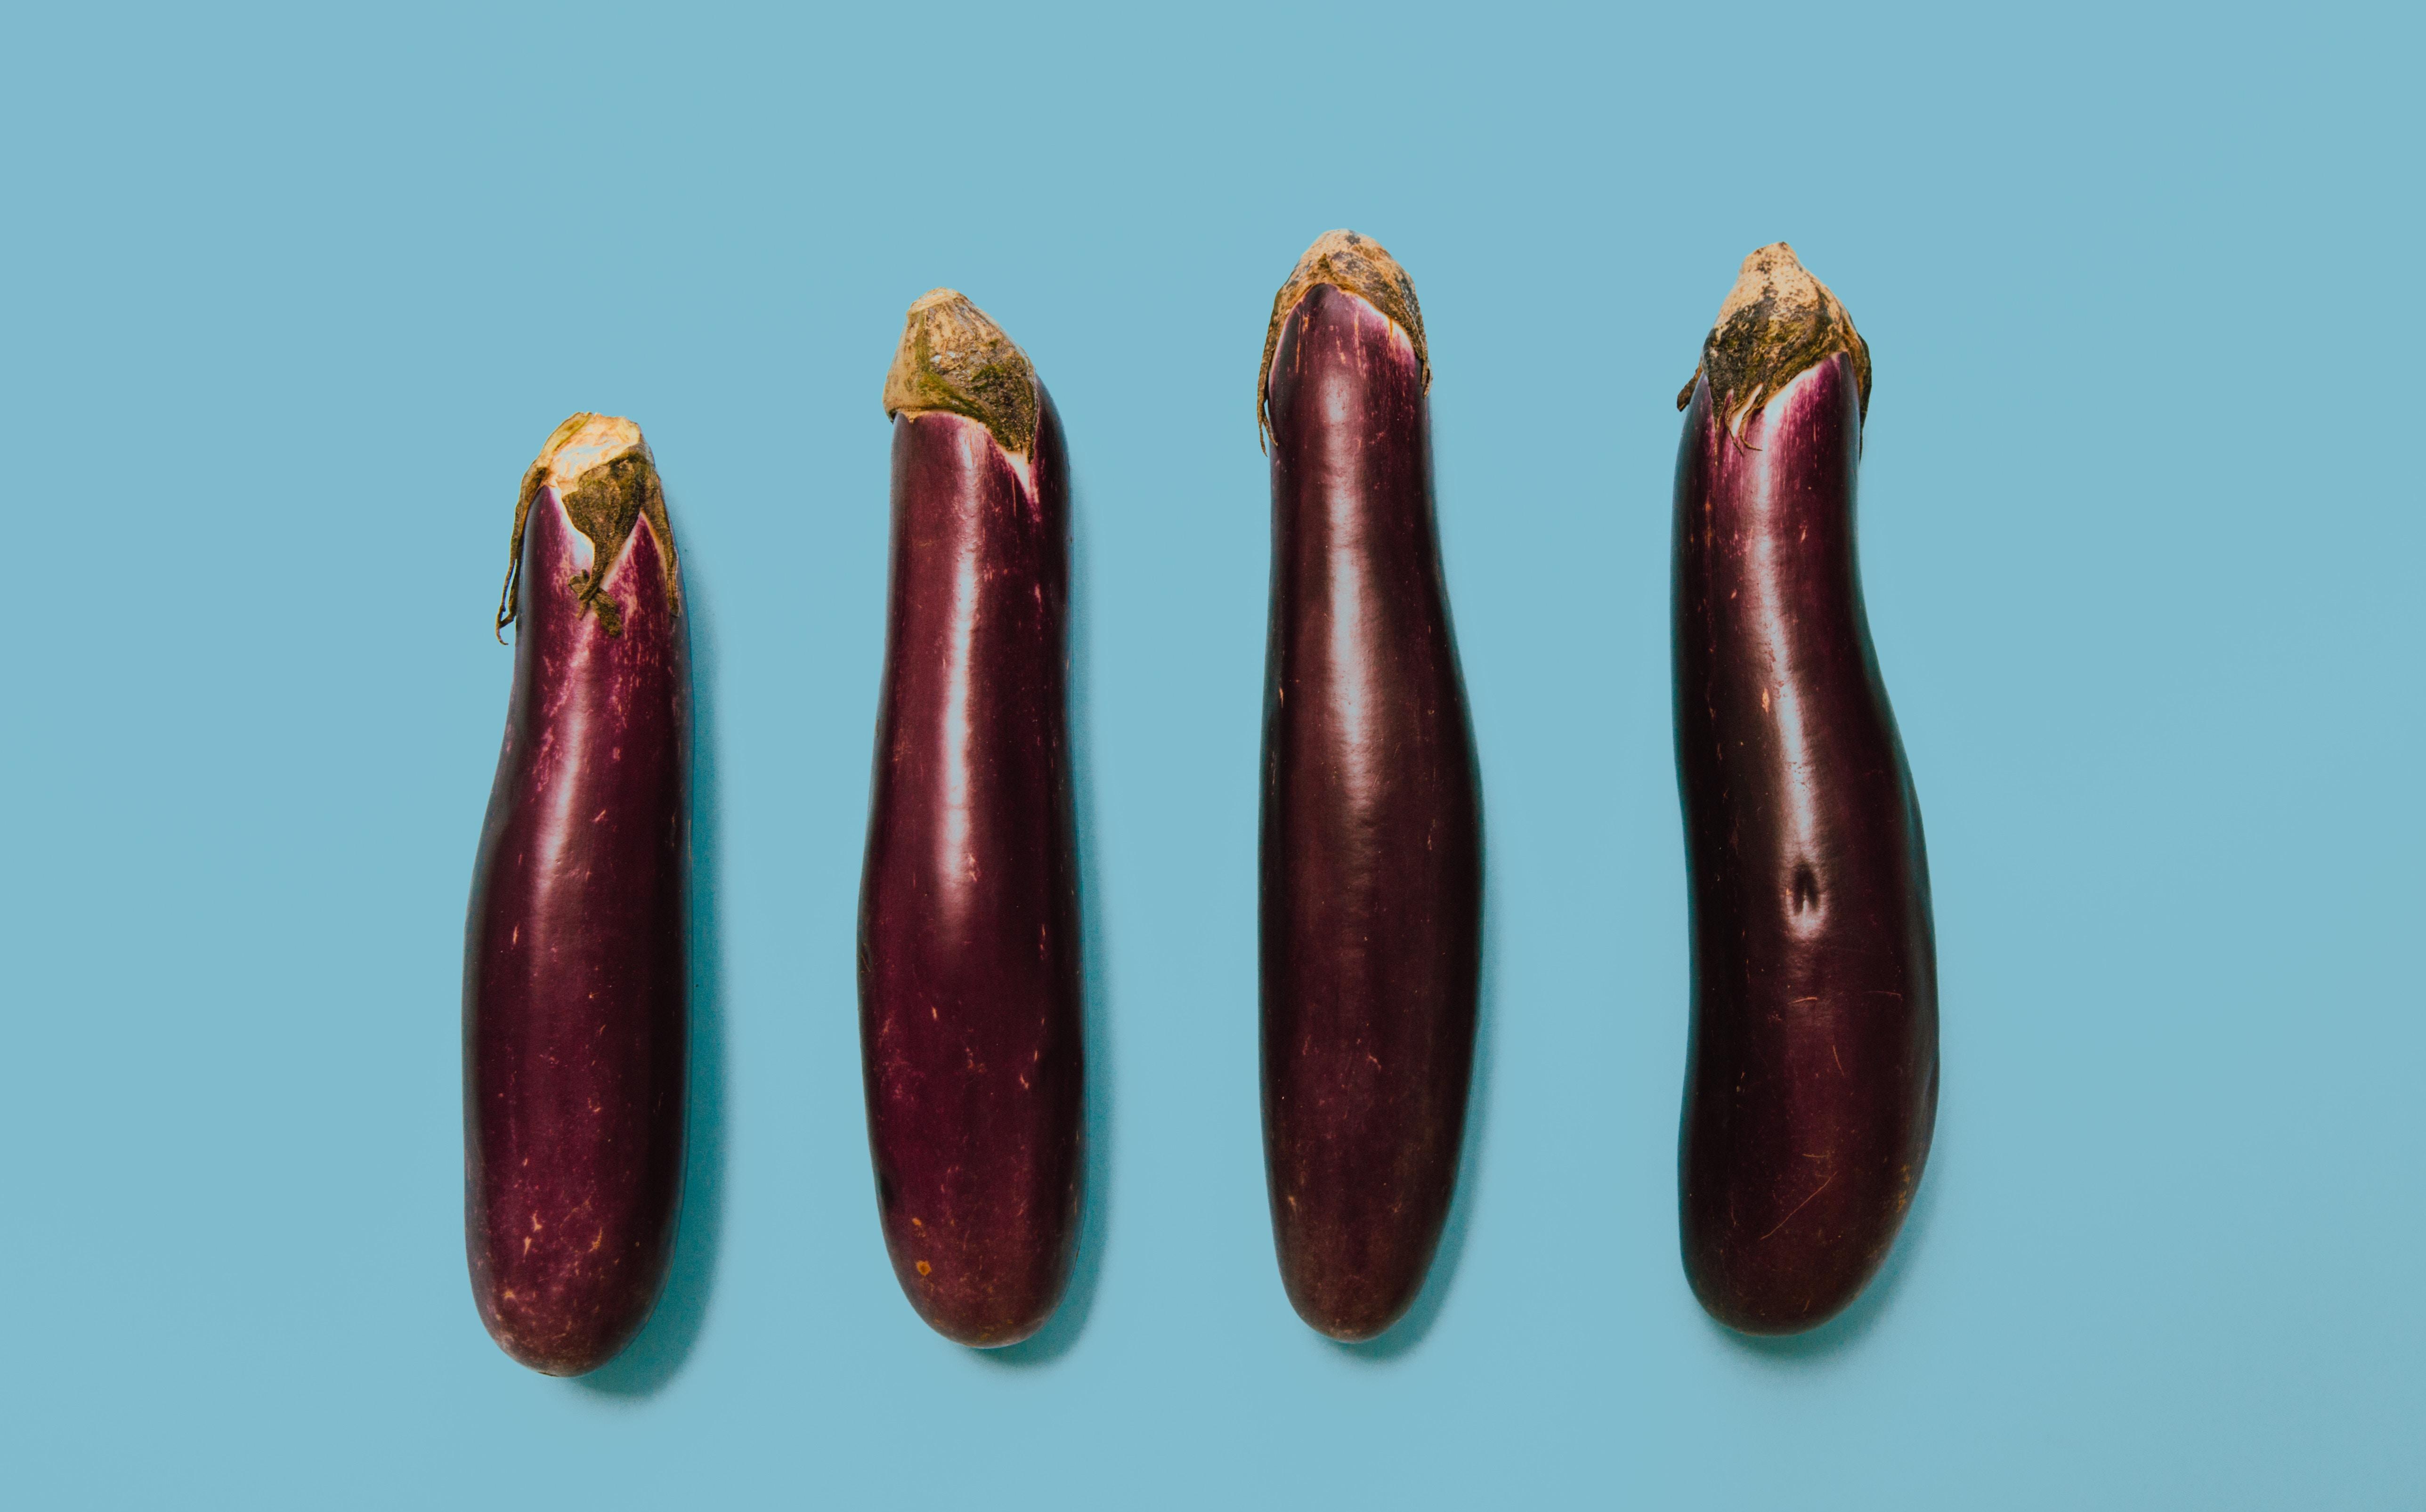 produse pentru ridicarea erecției cumpărați pentru tratament de erecție